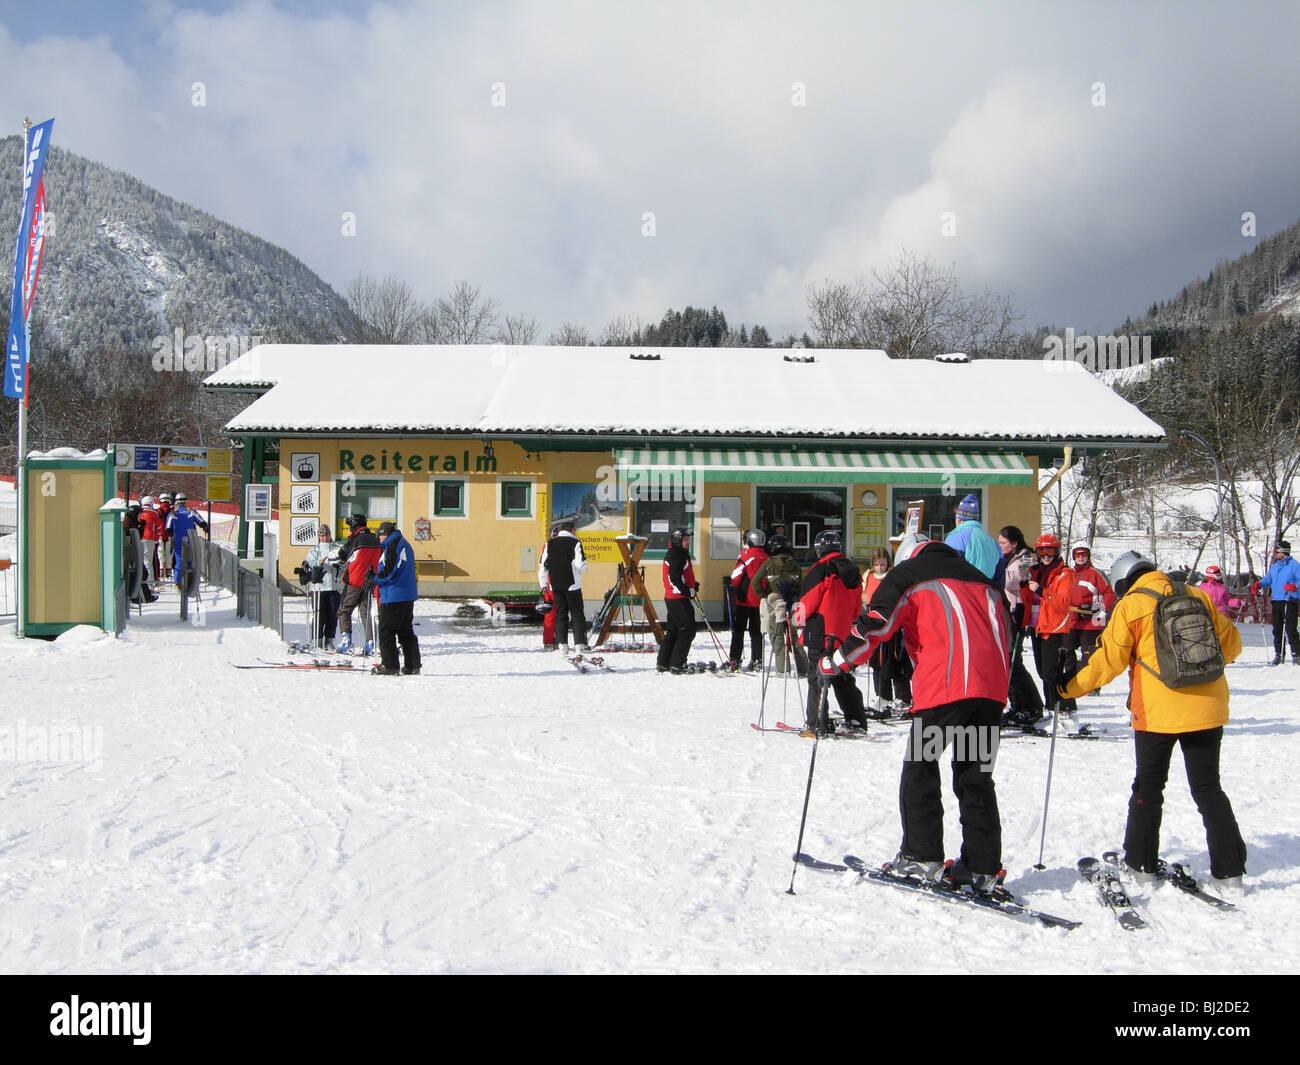 Reiteralm ski lift in the village of Pichl Austria - Stock Image